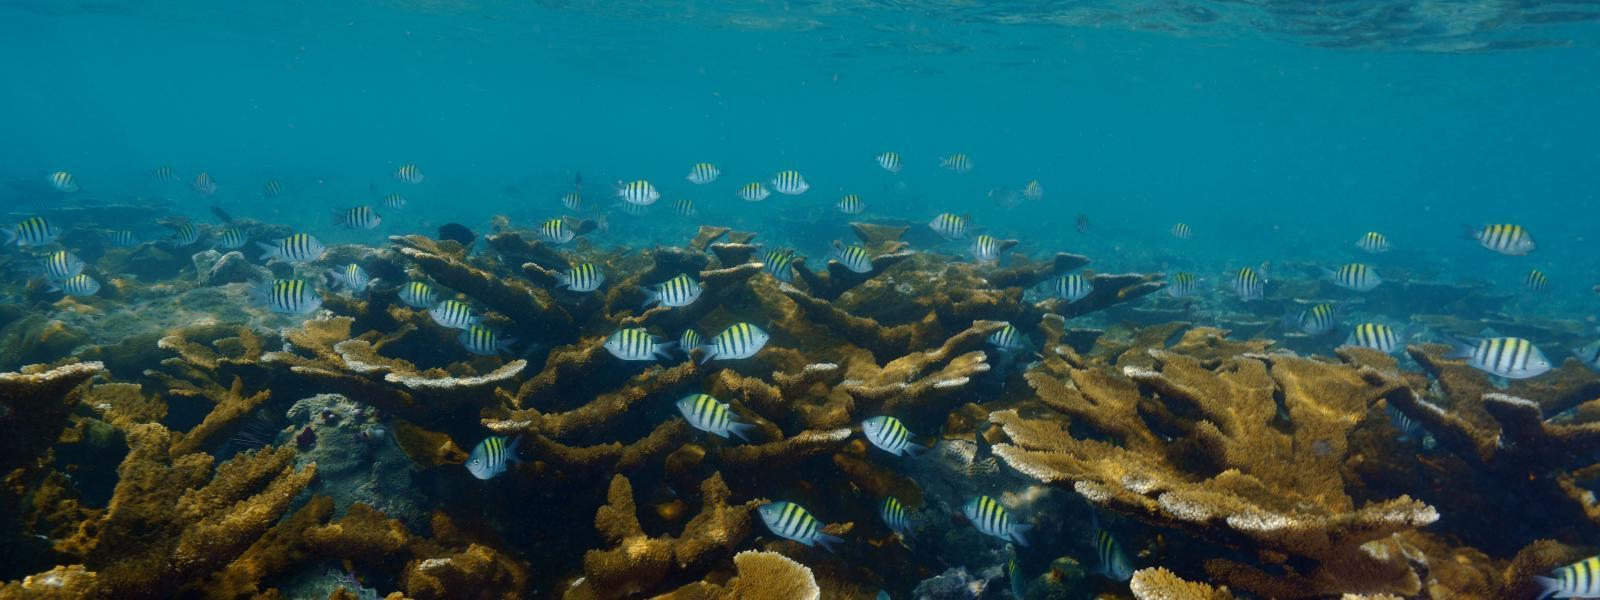 En Veracruz se encuentra el conjunto de arrecifes más grande del golfo de México.